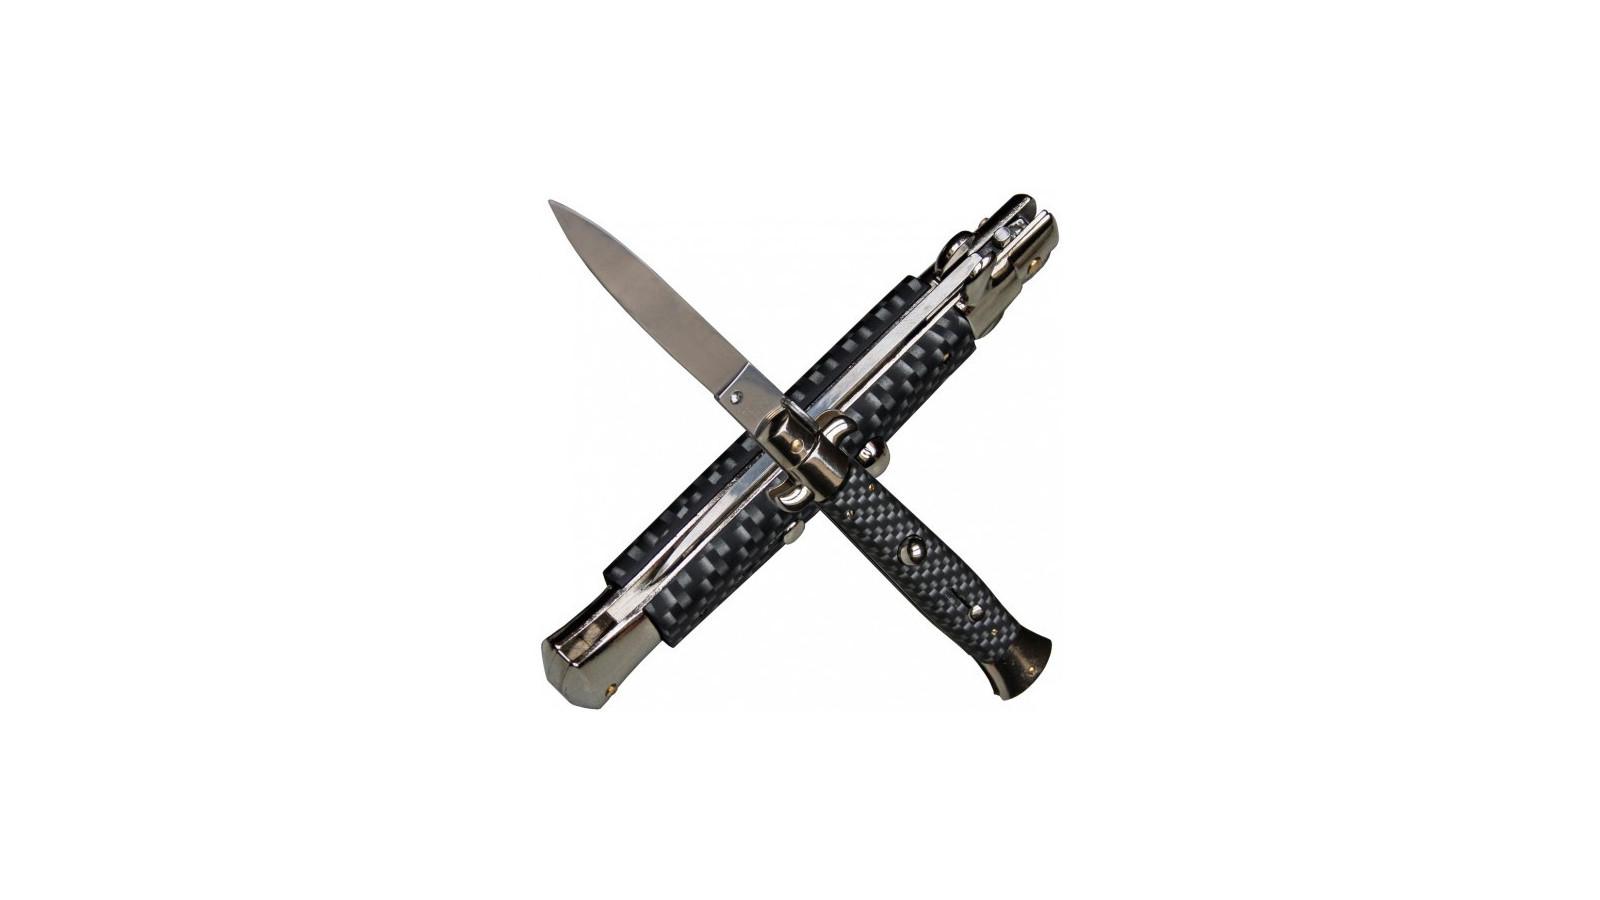 3 kunaï noirs identiques + étui de transport - 17 cm